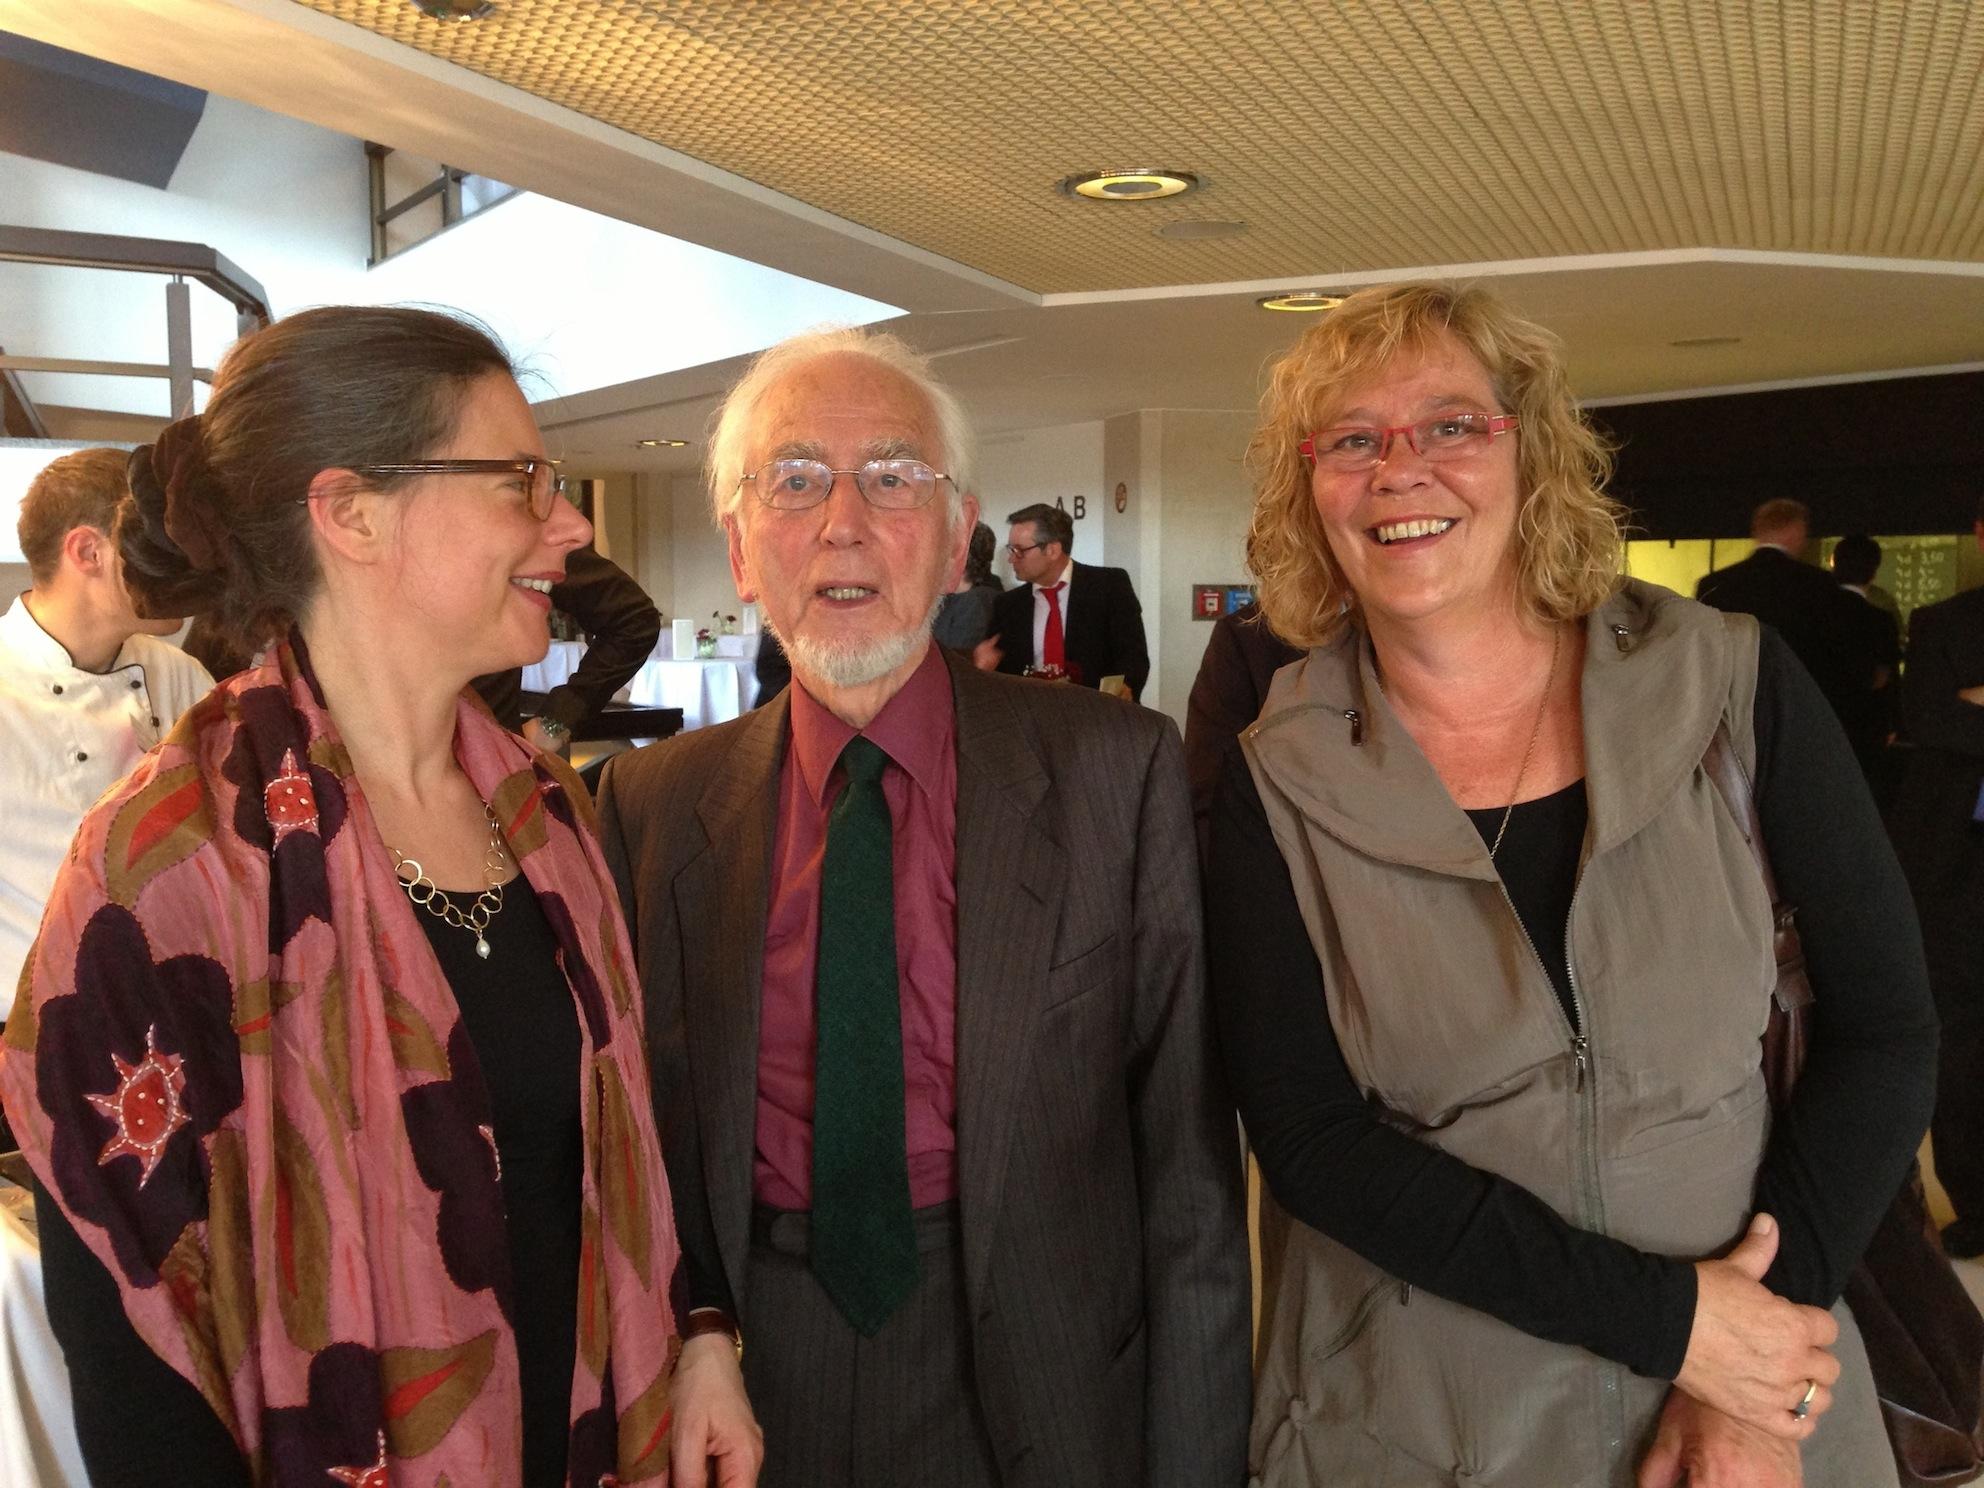 v.l.n.r.: Nina Scheer, Erhard Eppler, Susanne Danhier